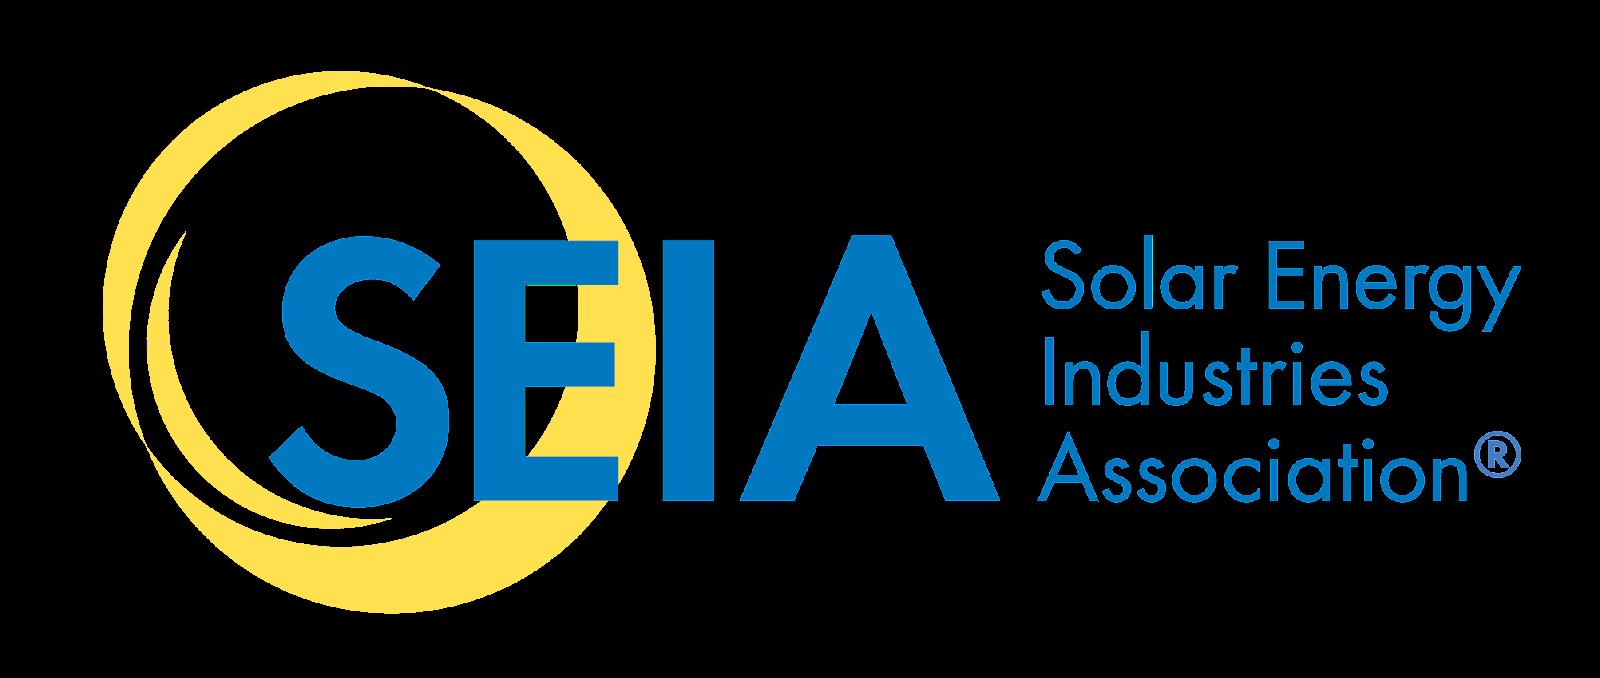 https://events.solar/puertorico/wp-content/uploads/sites/18/2018/10/SEIA-logo-02.png